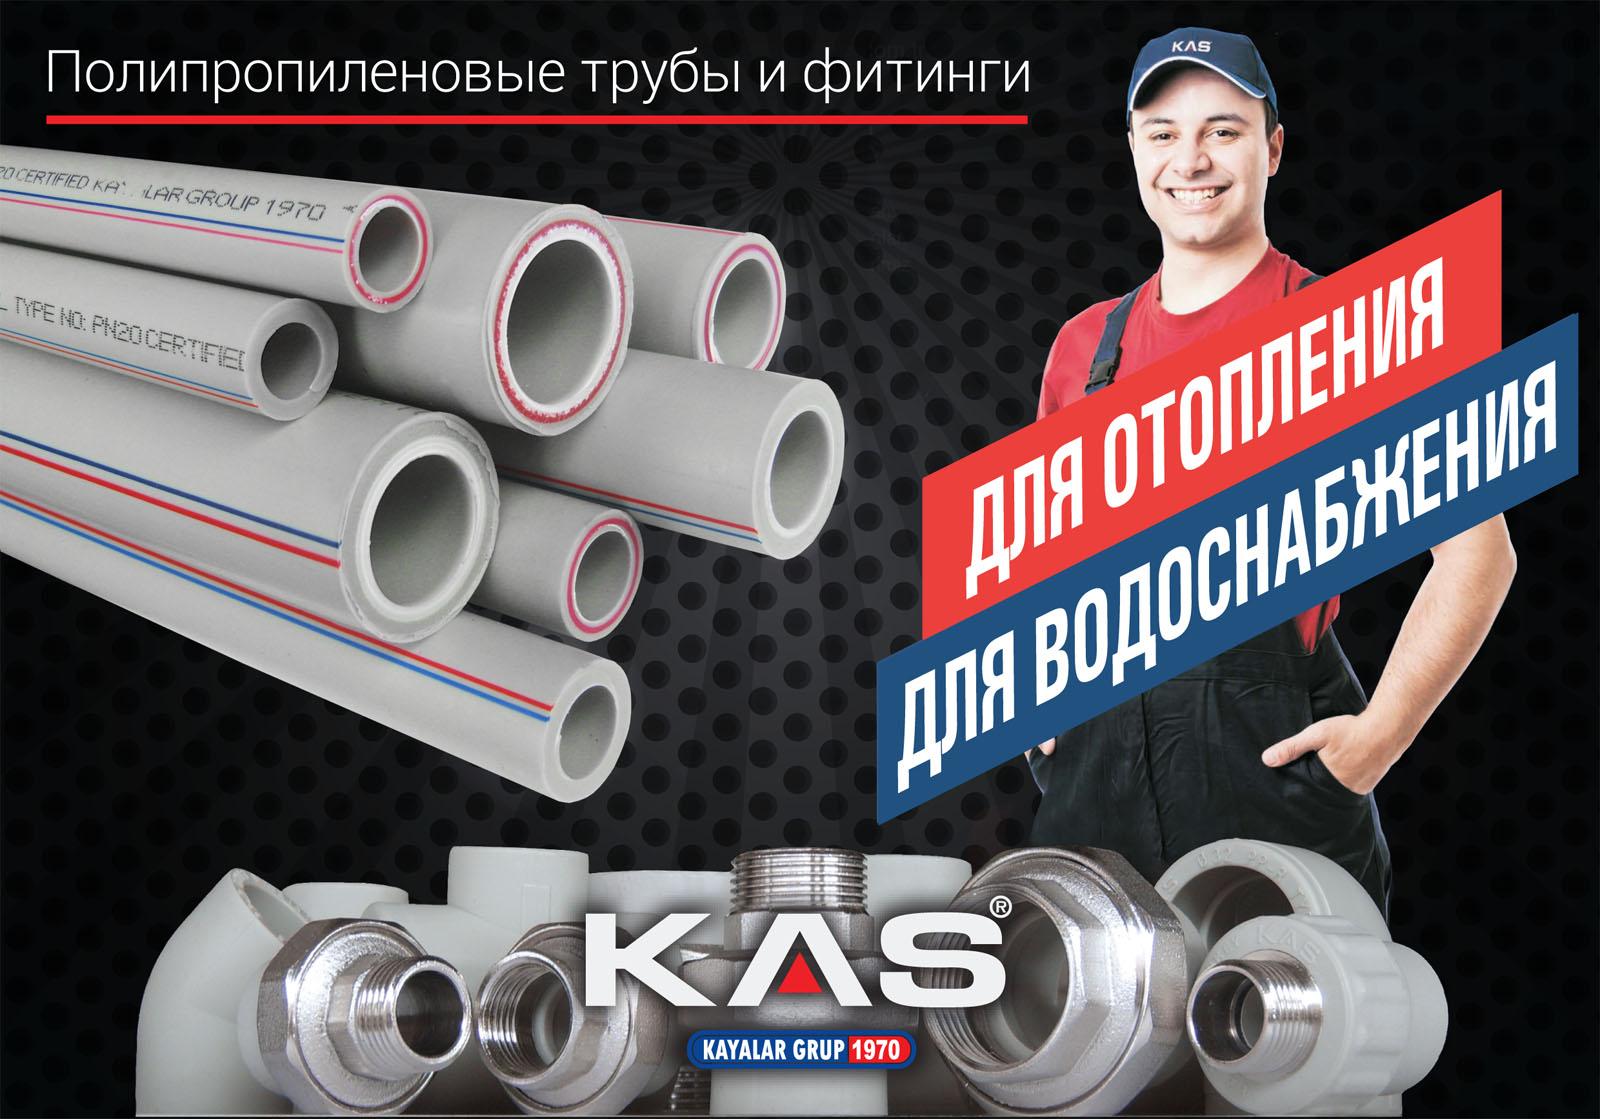 KAS K.A.S КАС полипропиленовые трубы и фитинги